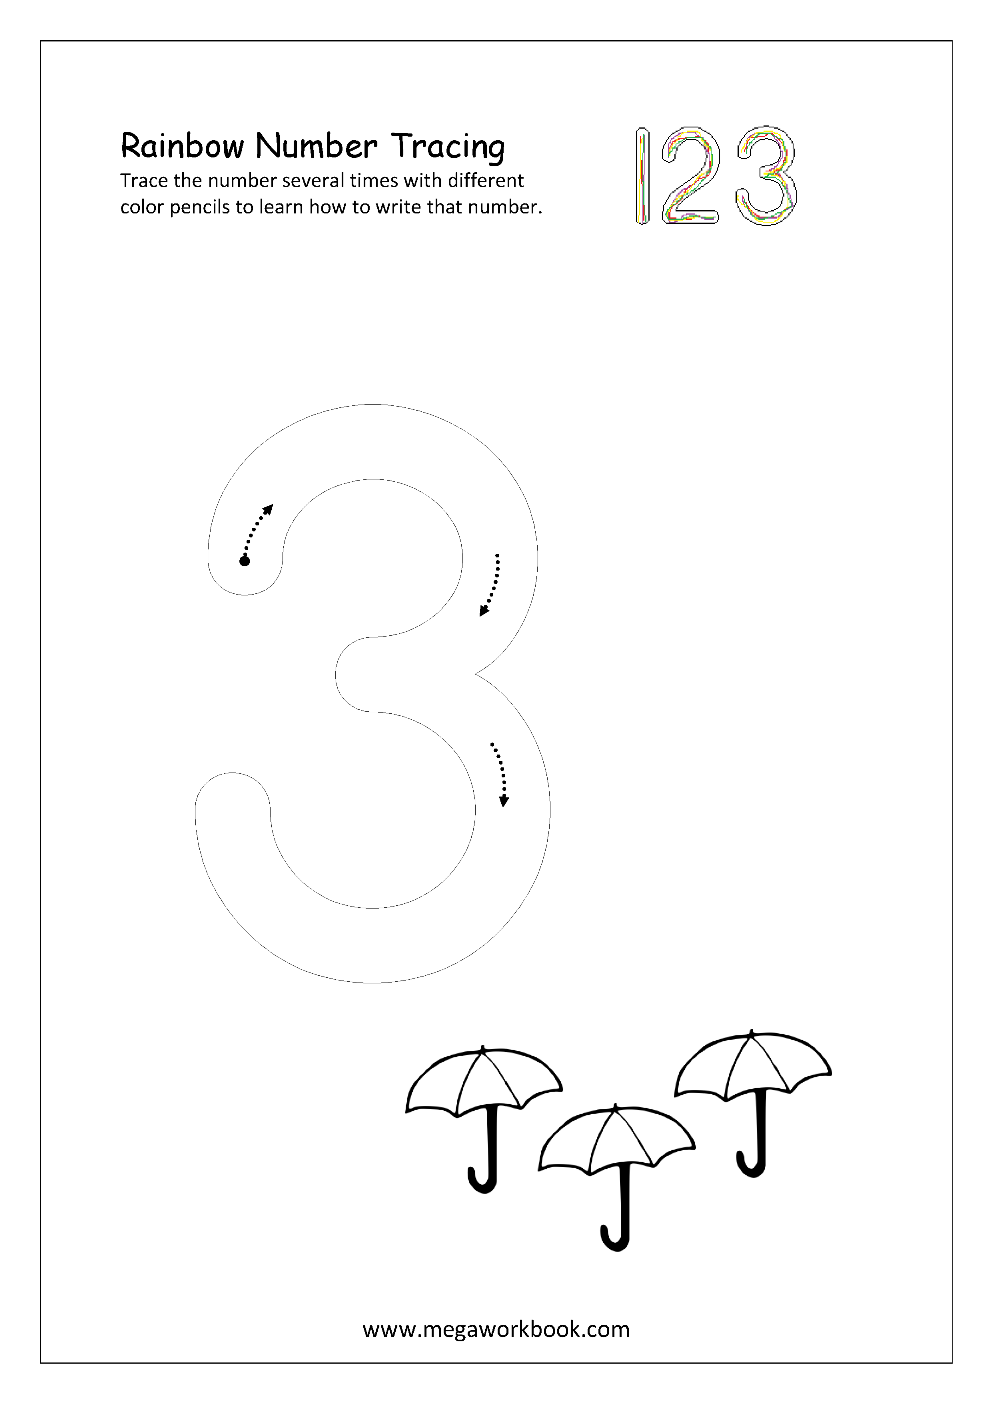 rainbow number tracing megaworkbook